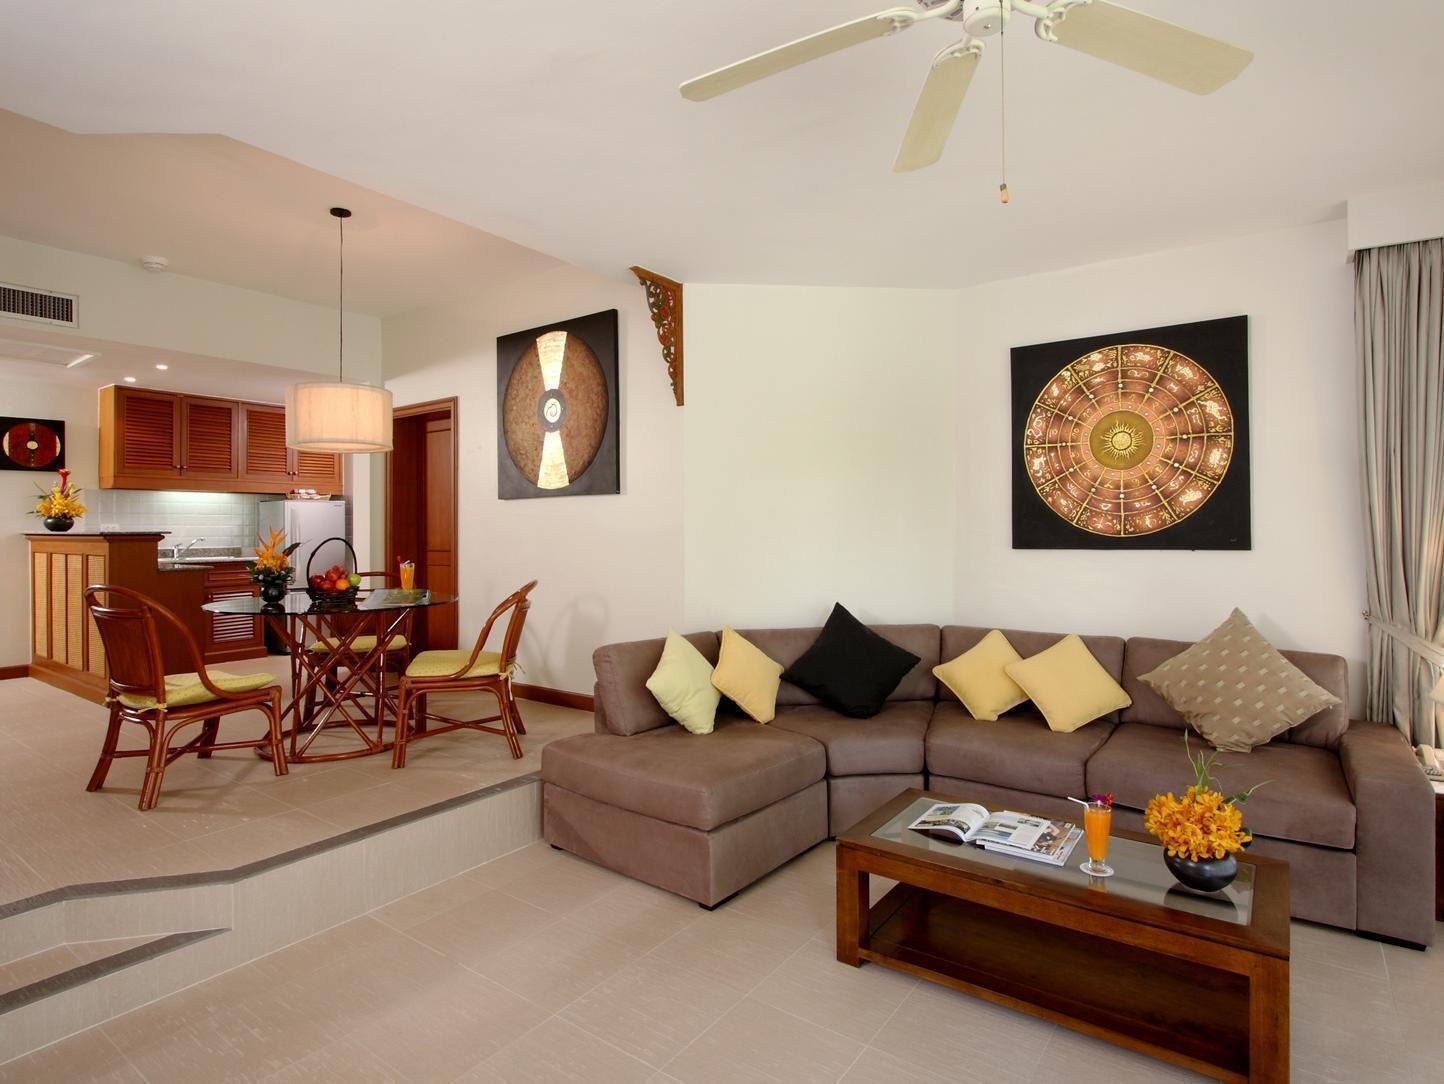 Allamanda Laguna Phuket Serviced Apartments อัลลามันดา ลากูนา ภูเก็ต เซอร์วิซ อพาร์ตเมนต์